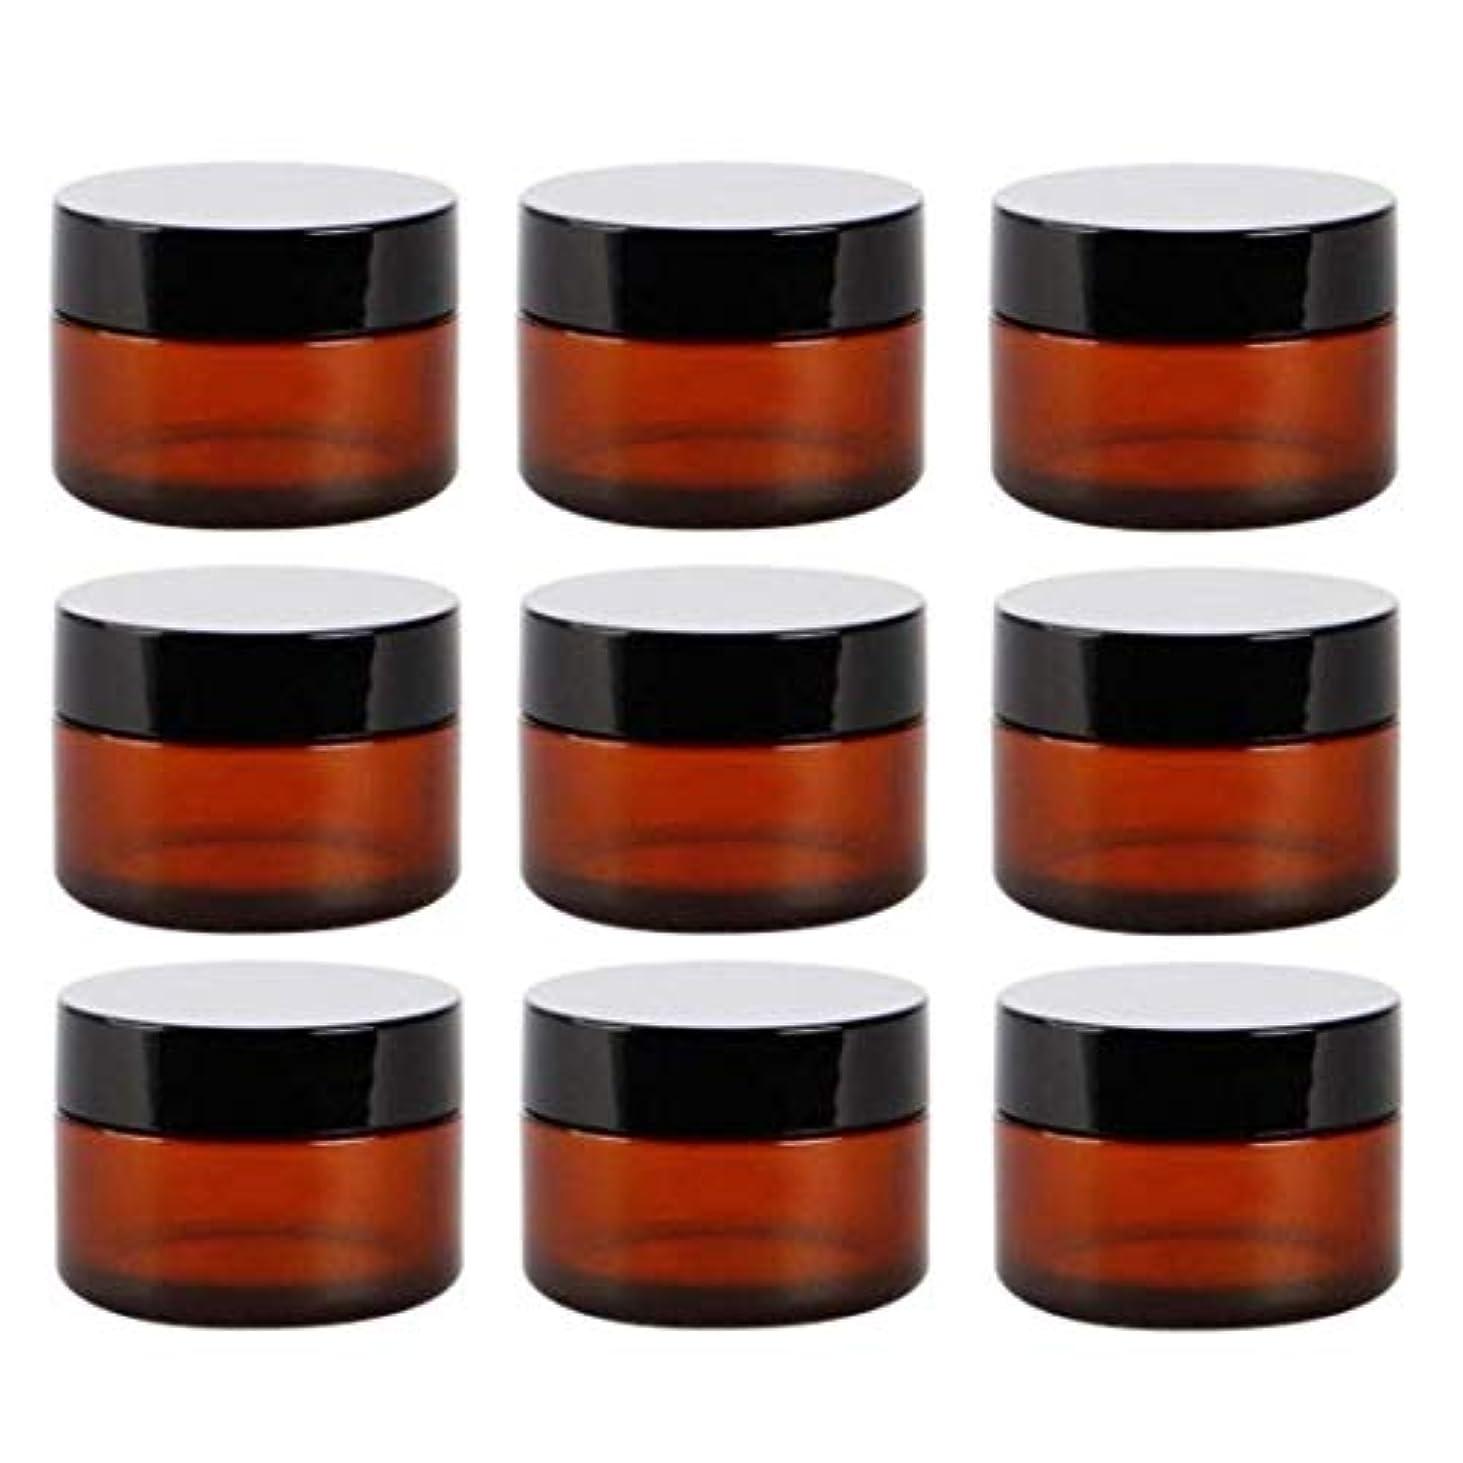 パイロット狂うヒゲスポイト遮光瓶 アロマオイル 9本セット 精油 香水やアロマの保存 小分け用 遮光瓶 保存 詰替え ガラス製 茶色10g